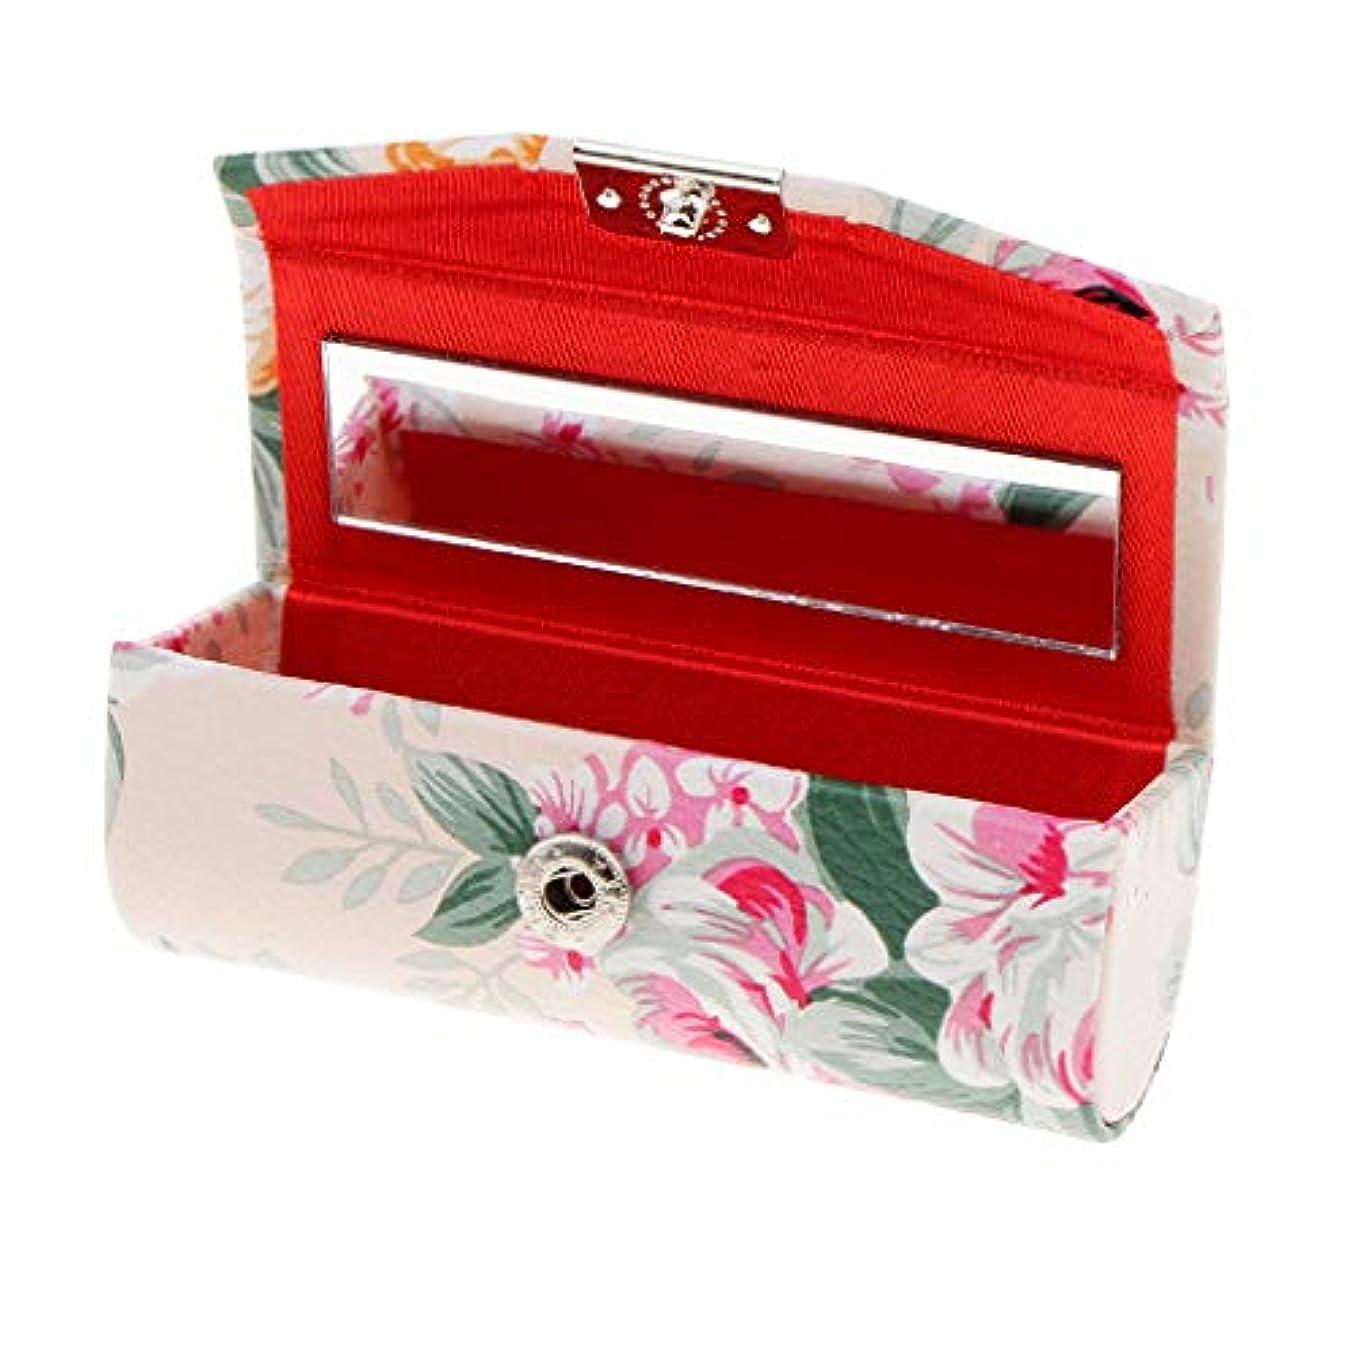 キルトふざけた排出KESOTO リップスティックケース ミラー付き 革製 宝石 メイクアップ 口紅 メイクアップ 収納ホルダー  5色選べ - ベージュ